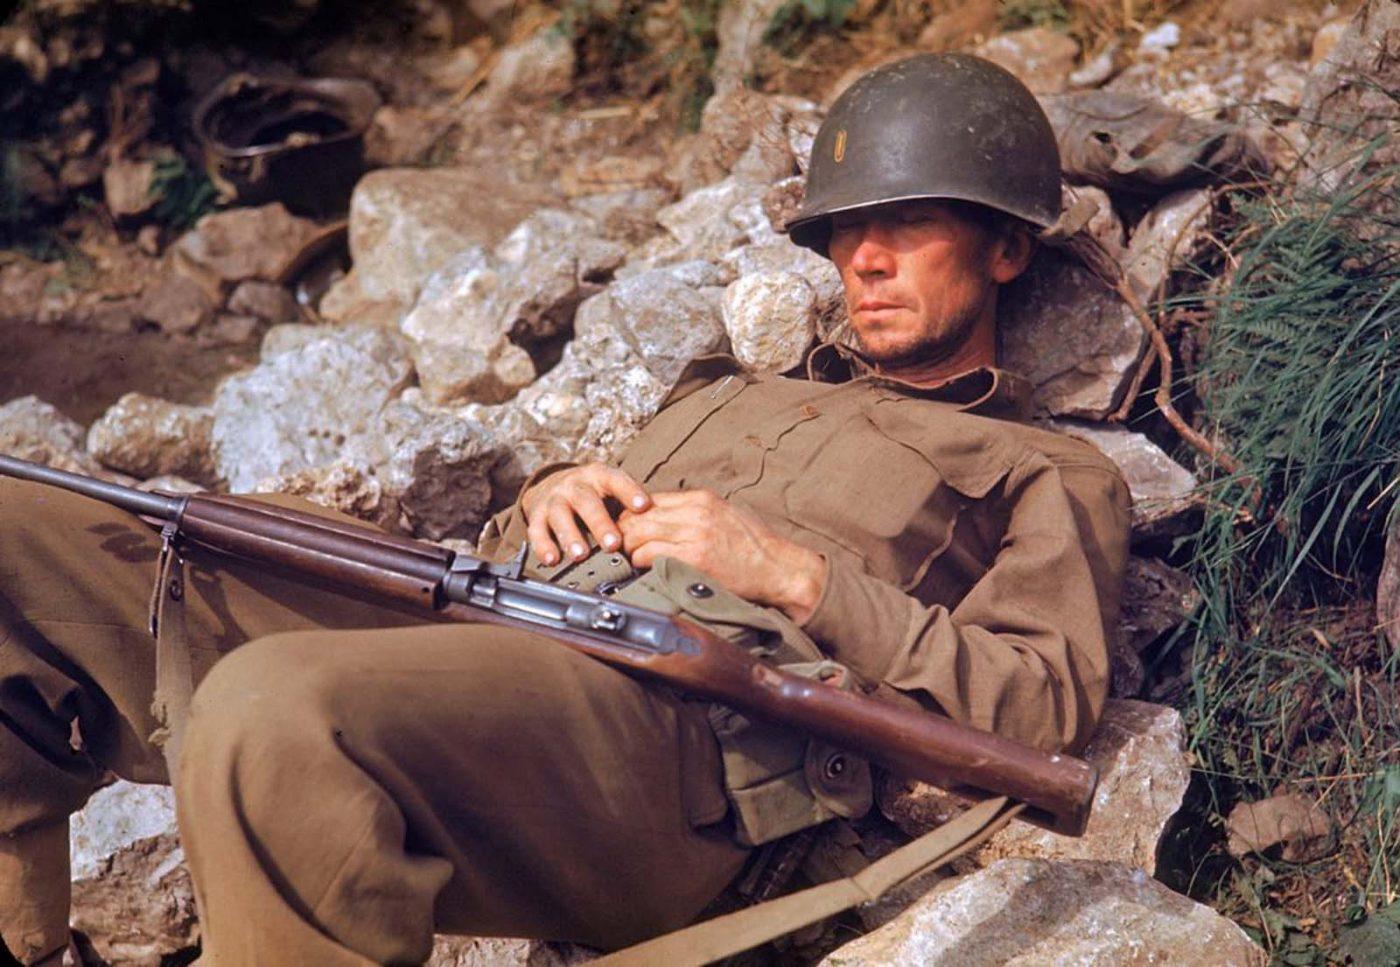 Американский солдат спит на груде камней, Итальянская кампания, Вторая мировая война 1944 год.